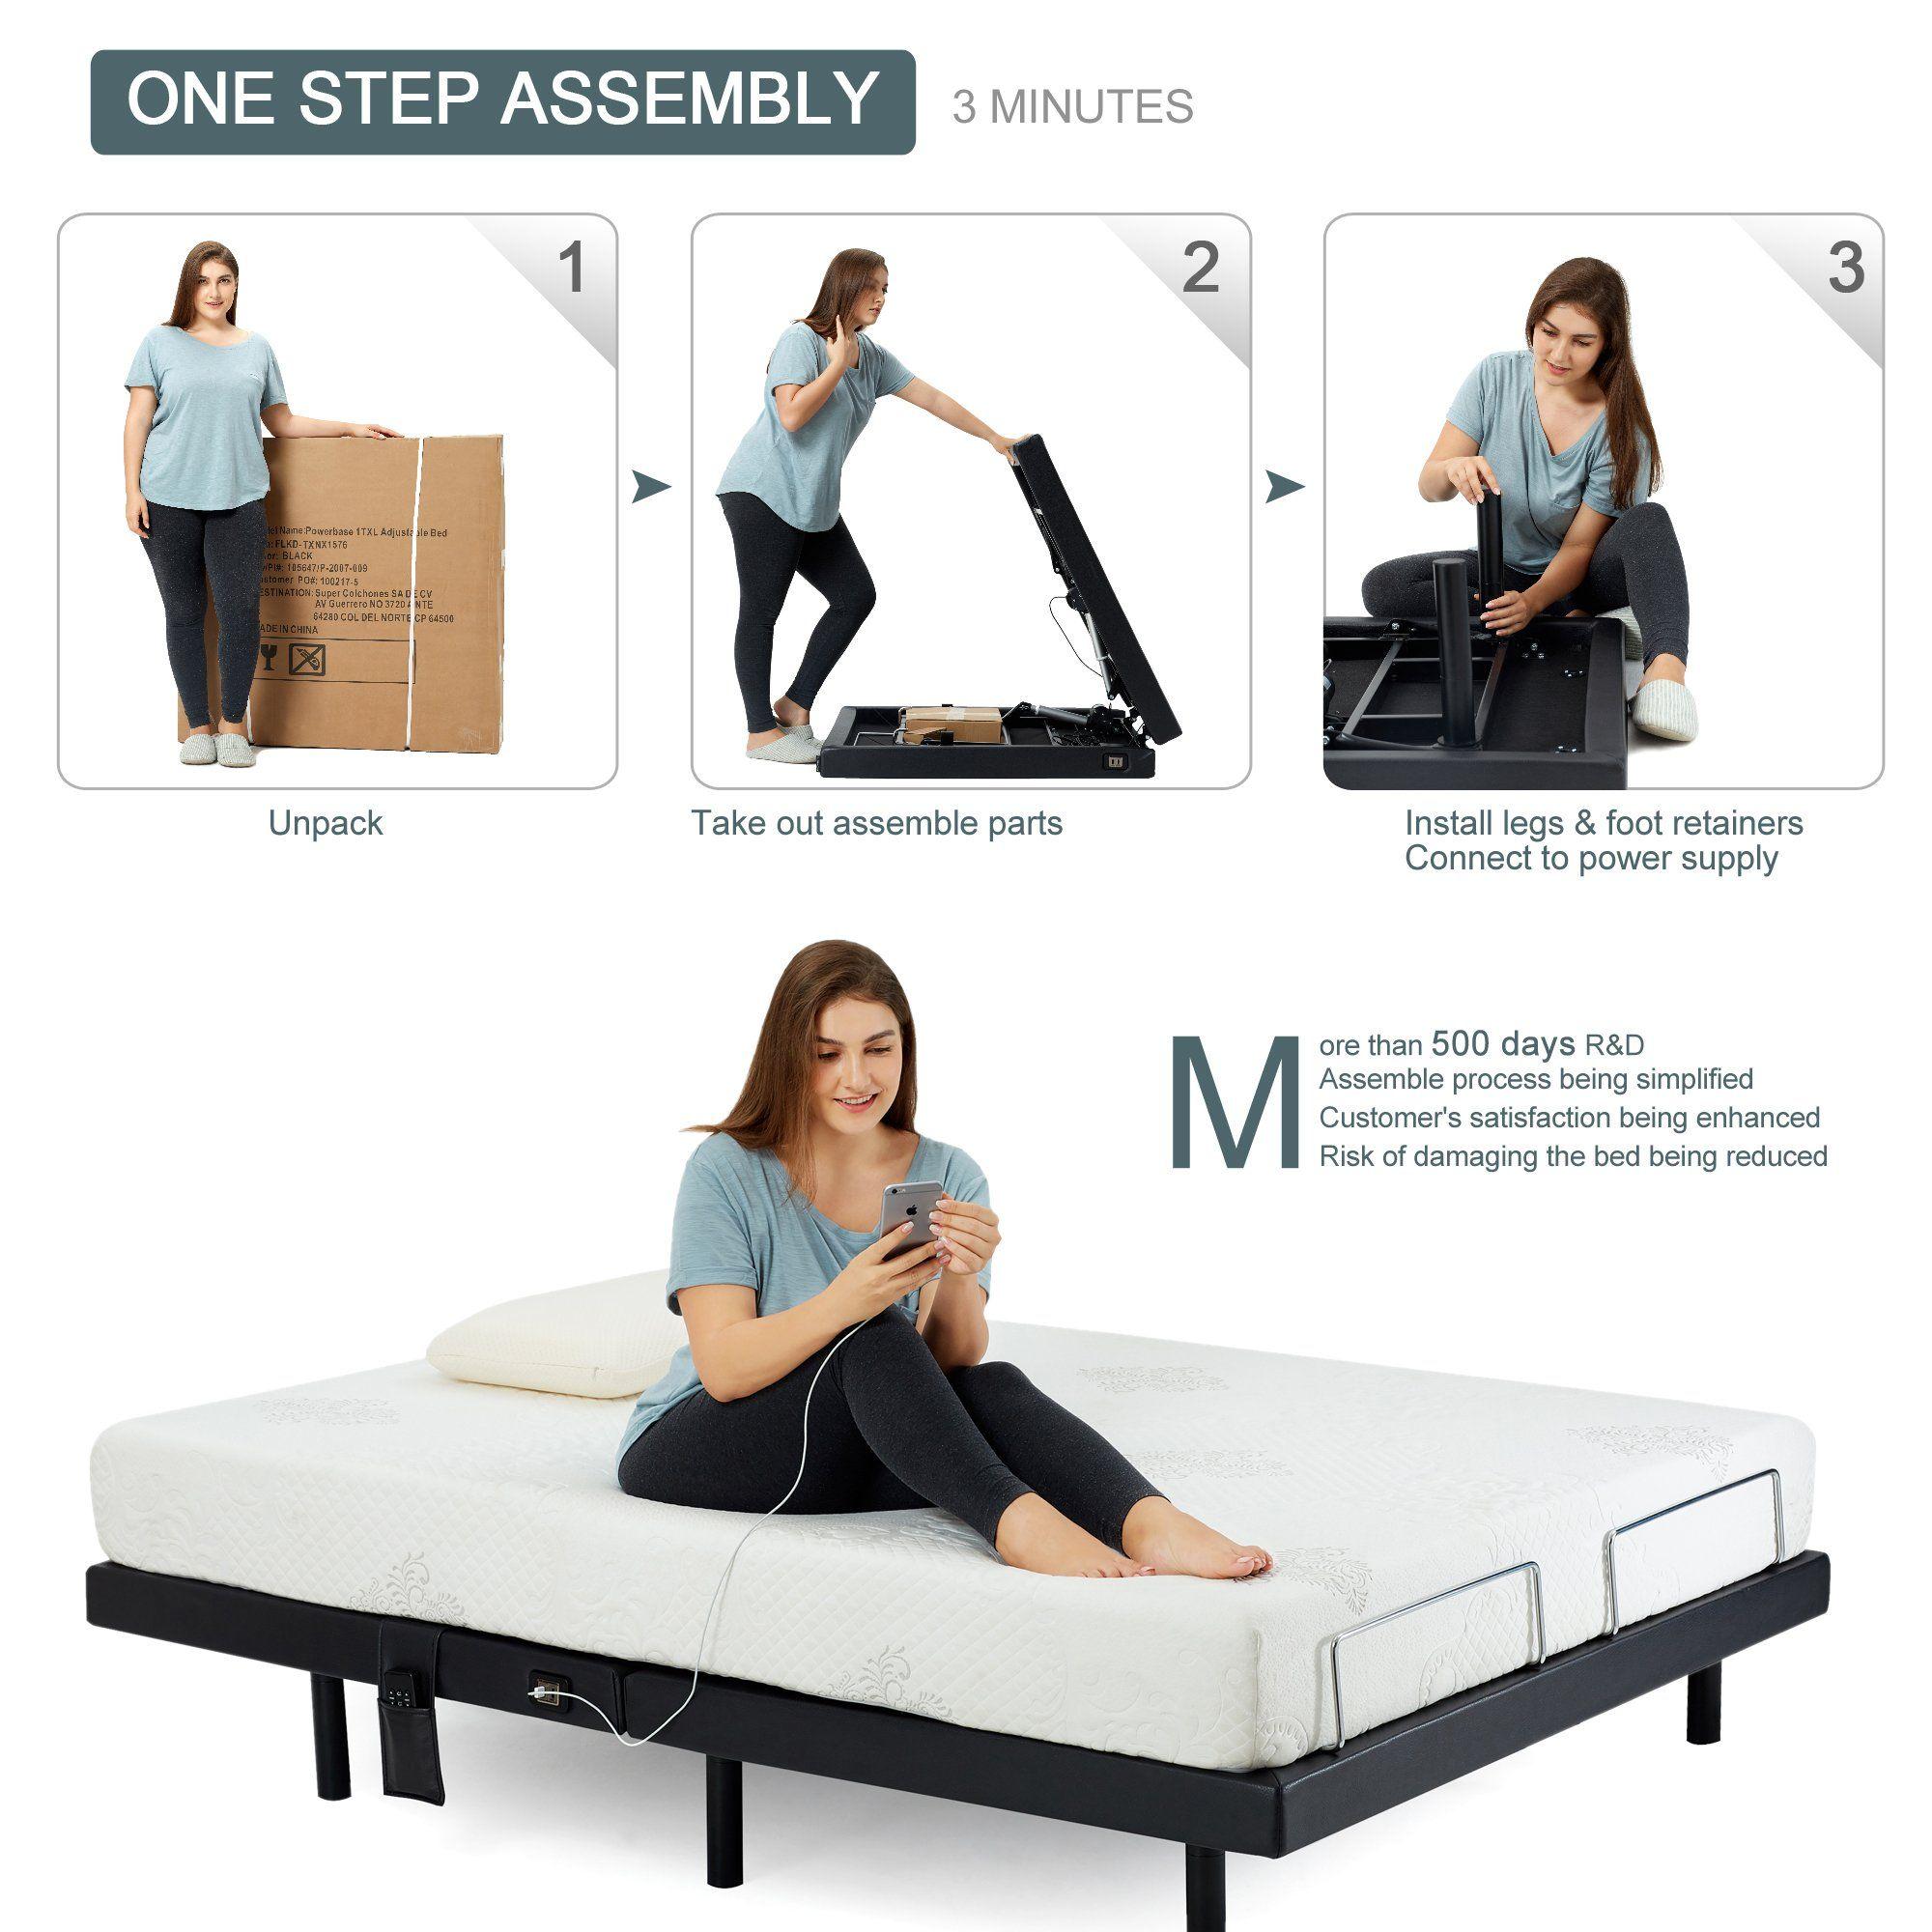 Hofish Adjustable Bed Base Onestep Assembly Dual Usb Portswireless